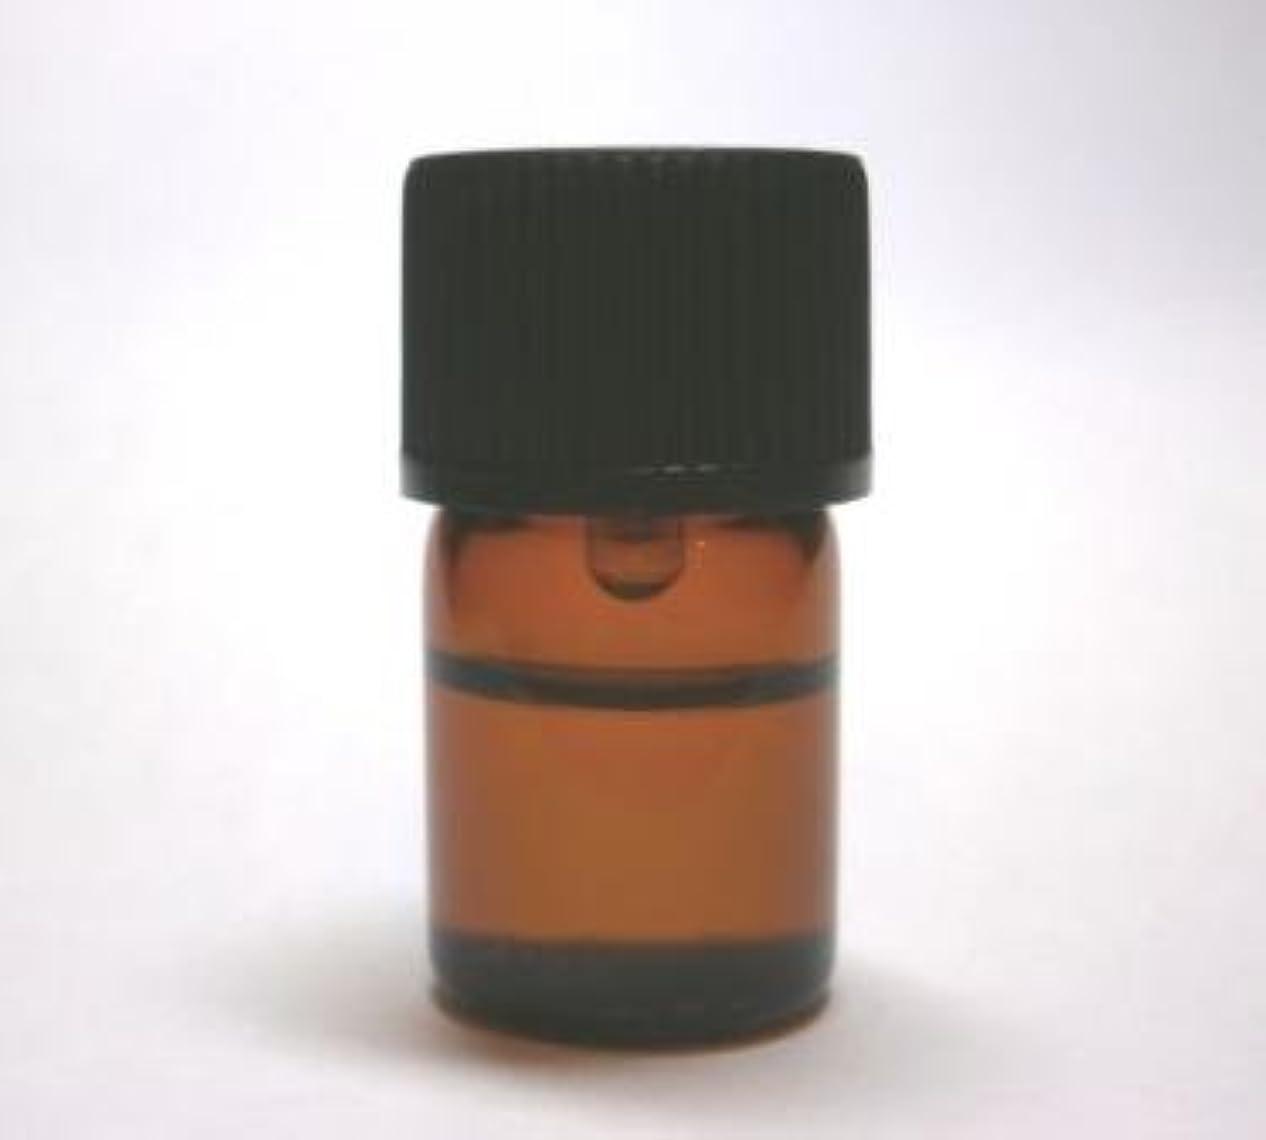 思春期樫の木先生ローズabsアブソリュート100%:3ml /ローズエッセンシャルオイル/ローズ精油/ローズオイル